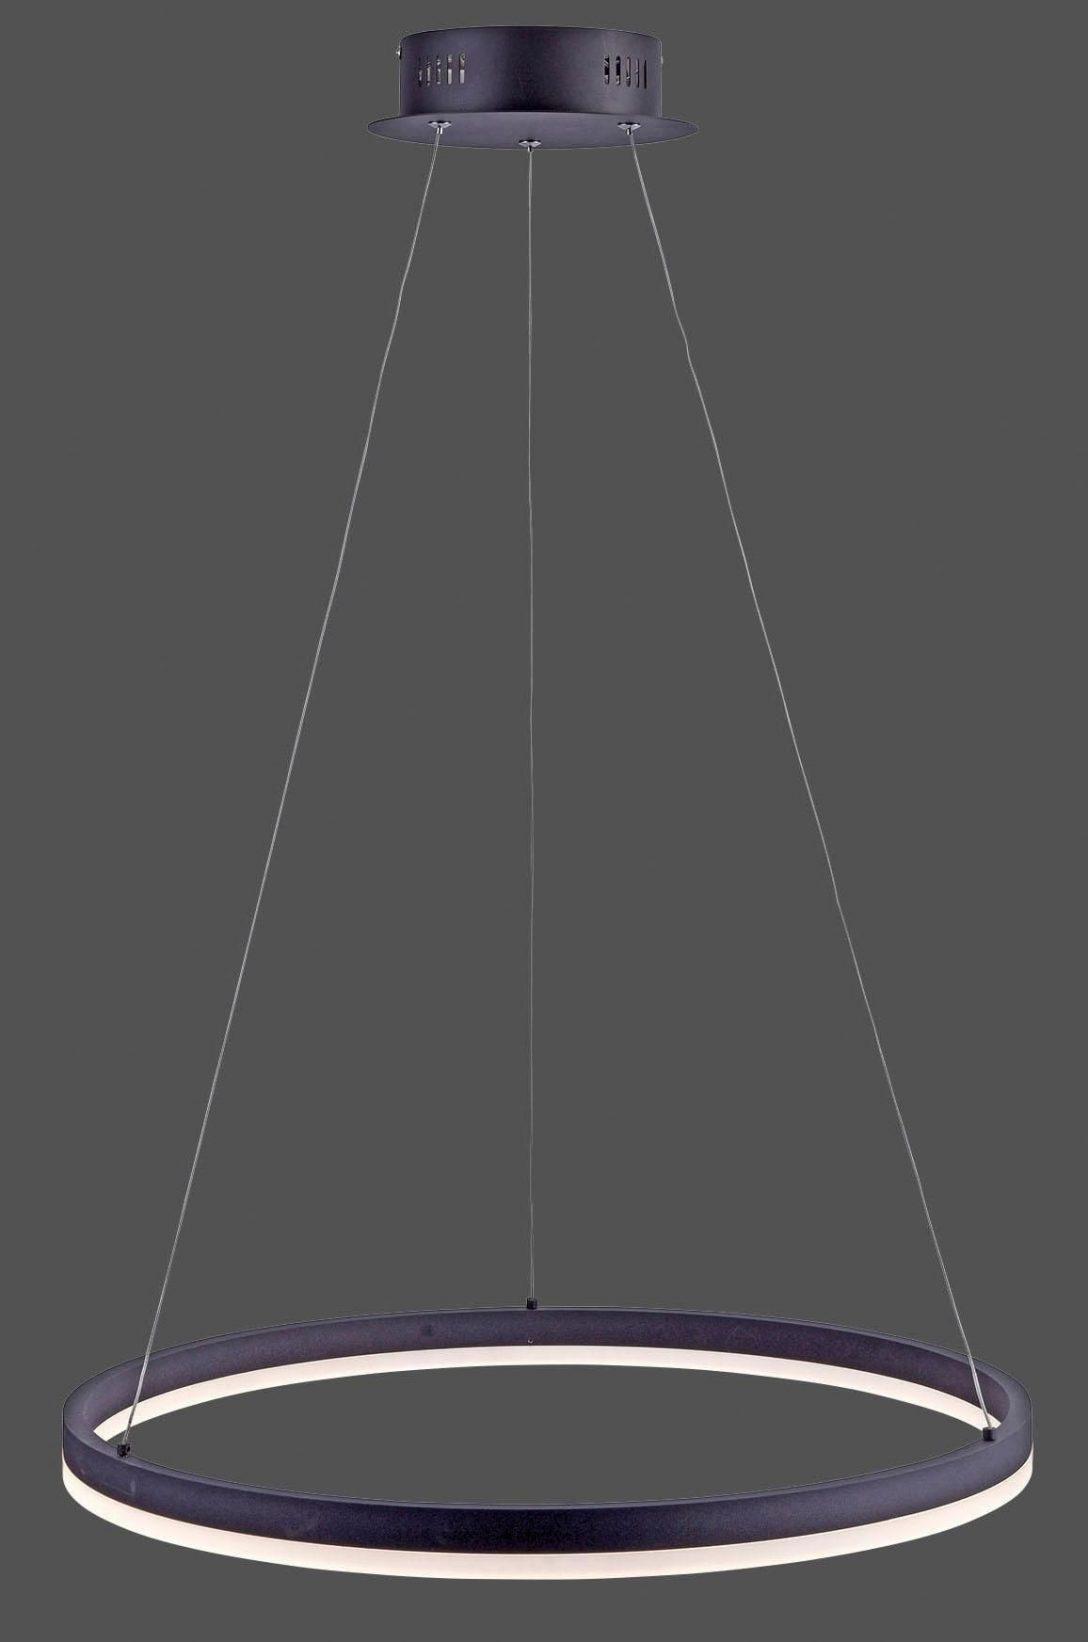 Large Size of Moderne Hngeleuchten Wohnzimmer Holz Pendelleuchten Fototapeten Stehlampe Poster Vitrine Weiß Led Beleuchtung Wandbild Deckenleuchte Wandtattoos Rollo Wohnzimmer Wohnzimmer Hängelampe